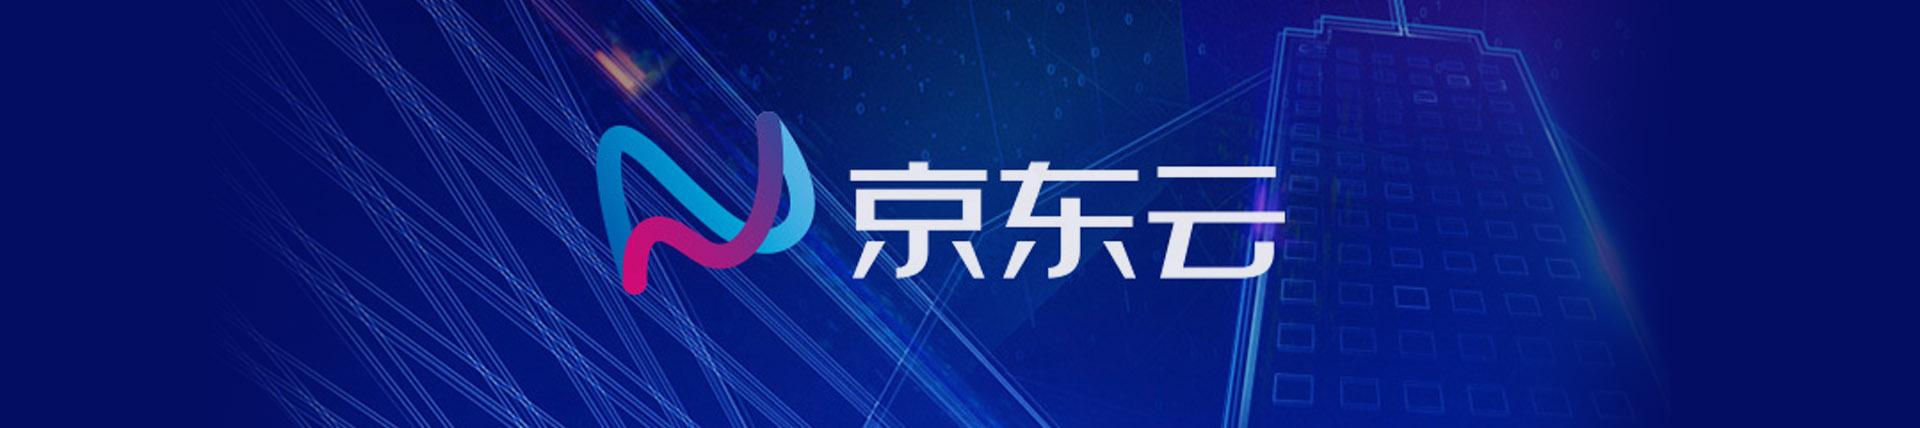 """刘强东新增云计算公司,京东注册大量""""京东云""""商标"""